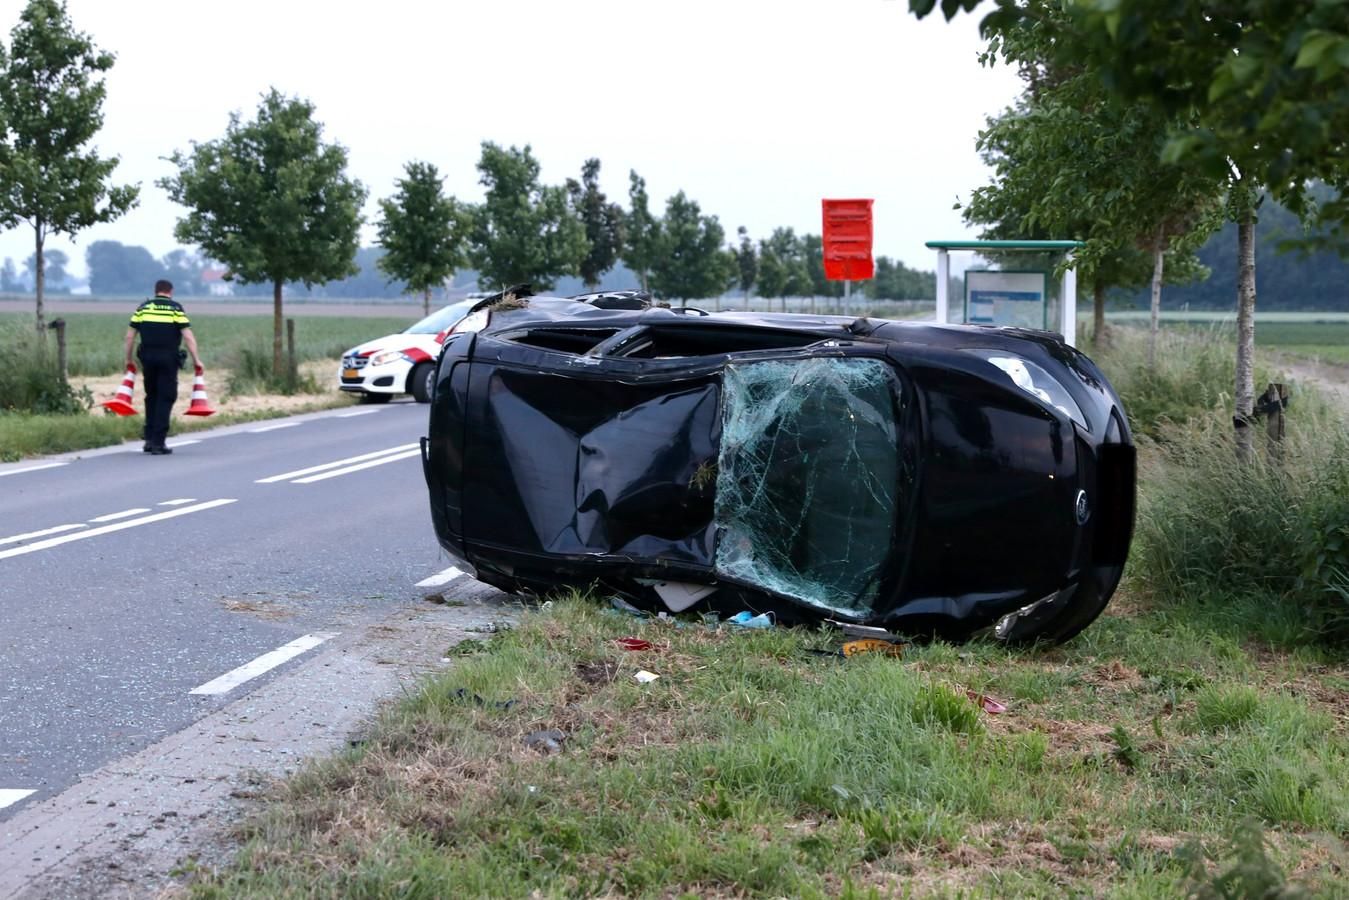 Op de kruising Kleiweg/Kamperweg net buiten Emmeloord heeft vanavond rond 21:15 uur een forse aanrijding tussen een busje en een auto plaatsgevonden. Hierbij vielen twee gewonden